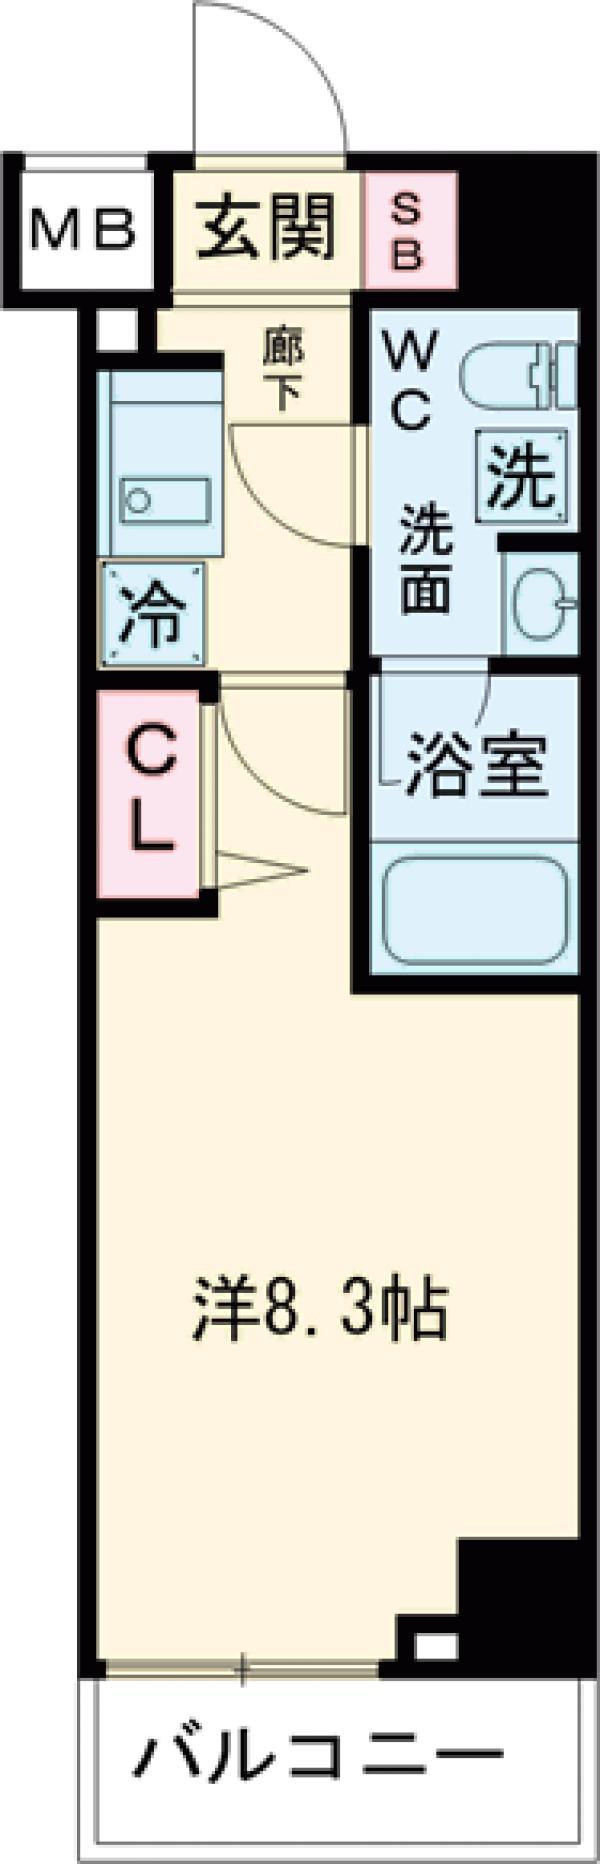 パティーナ東武練馬 314号室の間取り